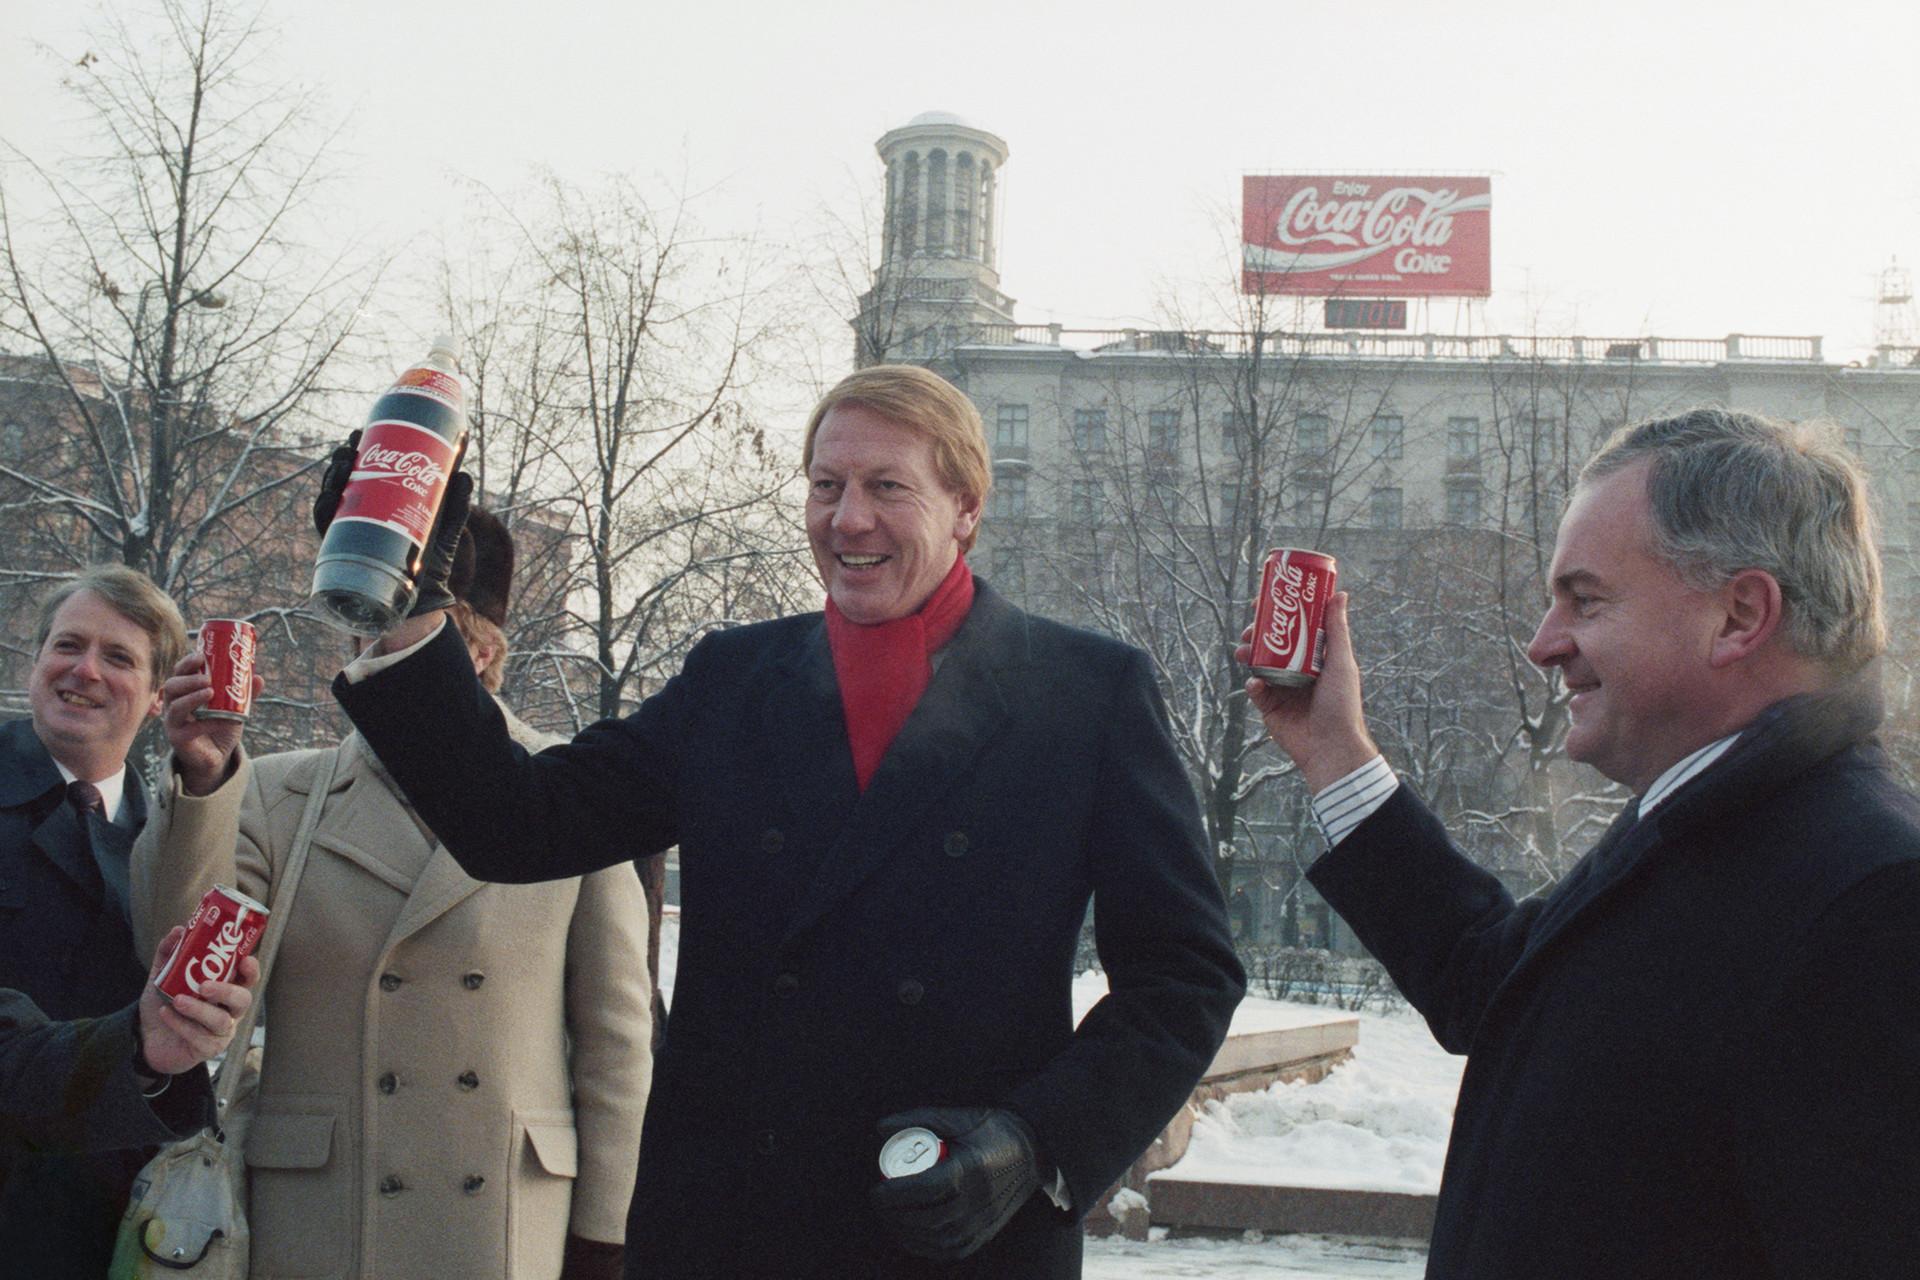 Le vice-président de Coca-cola, Neville Isdell lors d'une présentation du produit de sa compagnie place Pouchkine à Moscou, en URSS, décembre 1989.